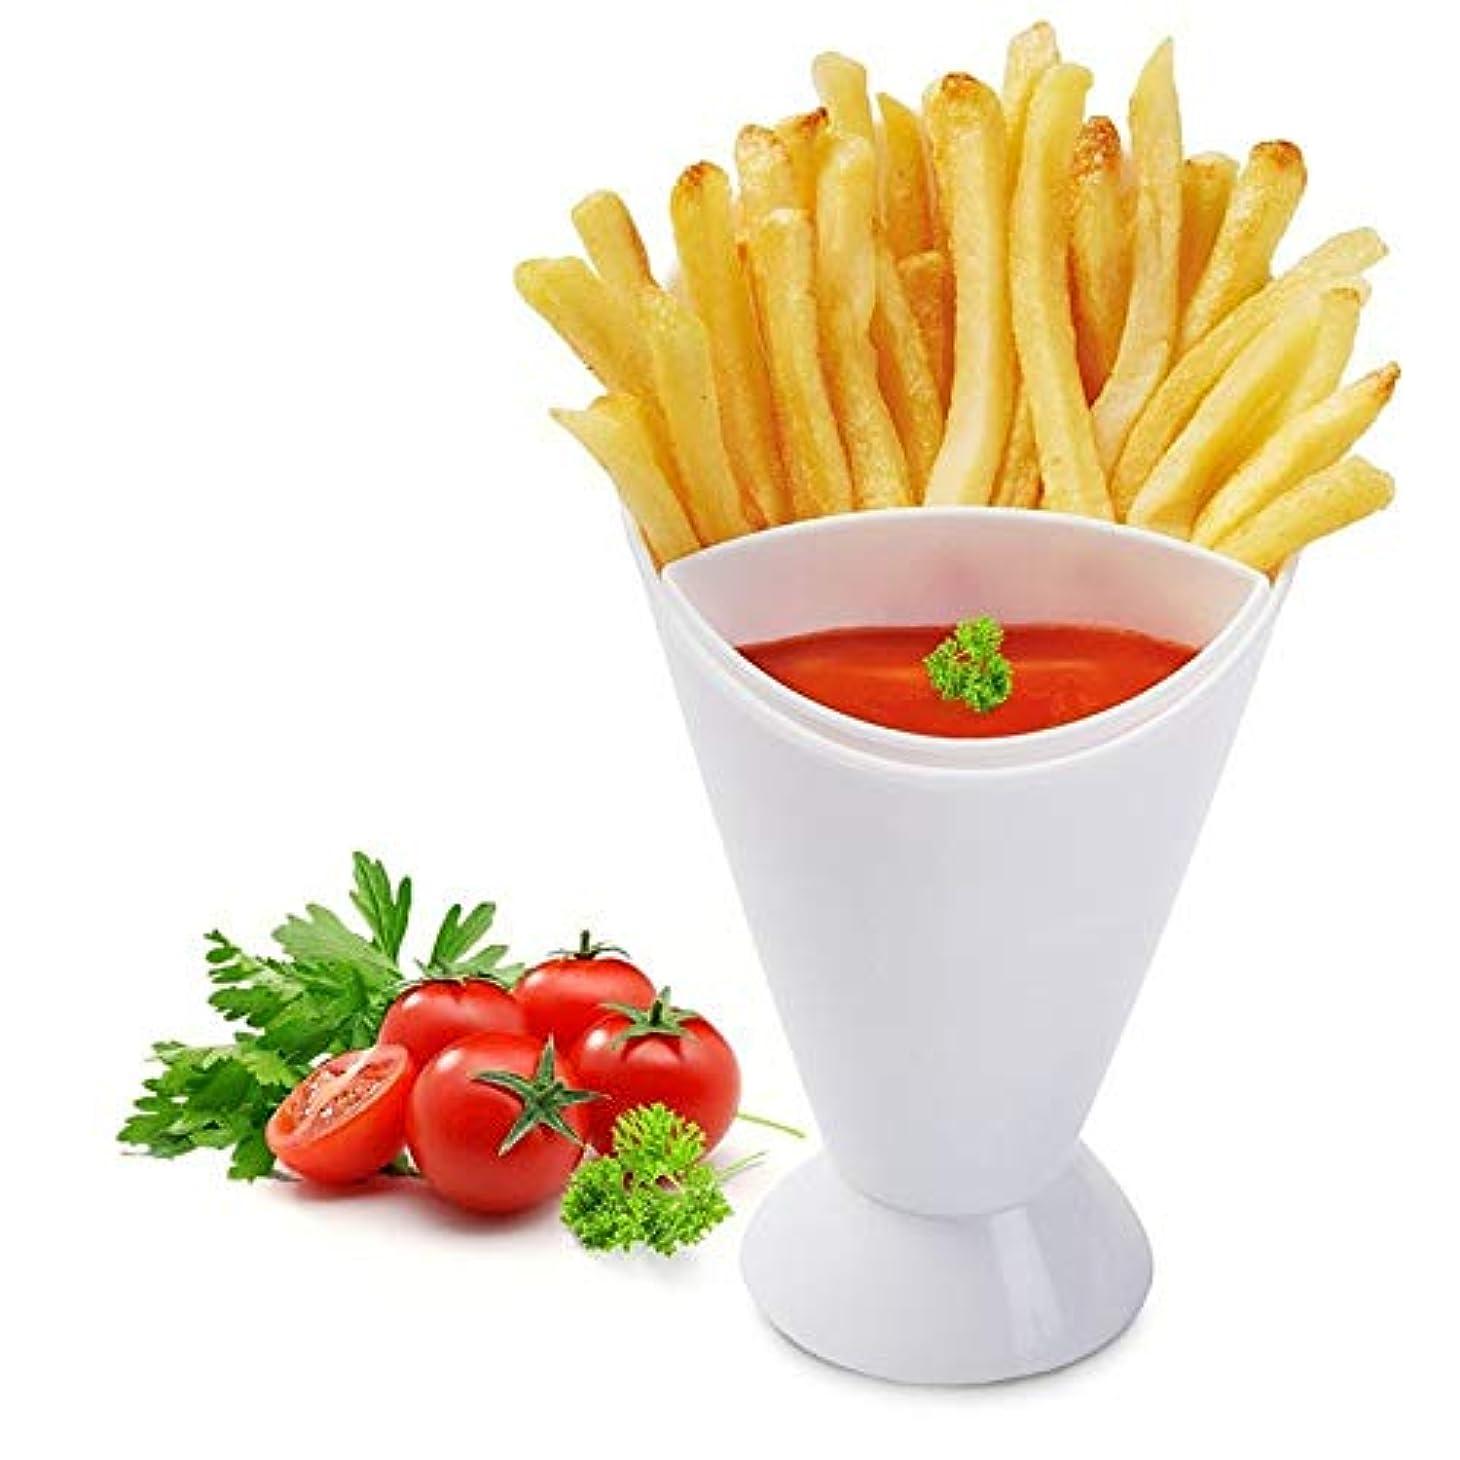 スリム手術バイナリMaxcrestas - French Fry Chips Cone Salad Dipping Cup Kitchen Restaurant Potato Tool Tableware Assorted Sauce Ketchup Jam Dip Cup Bowl